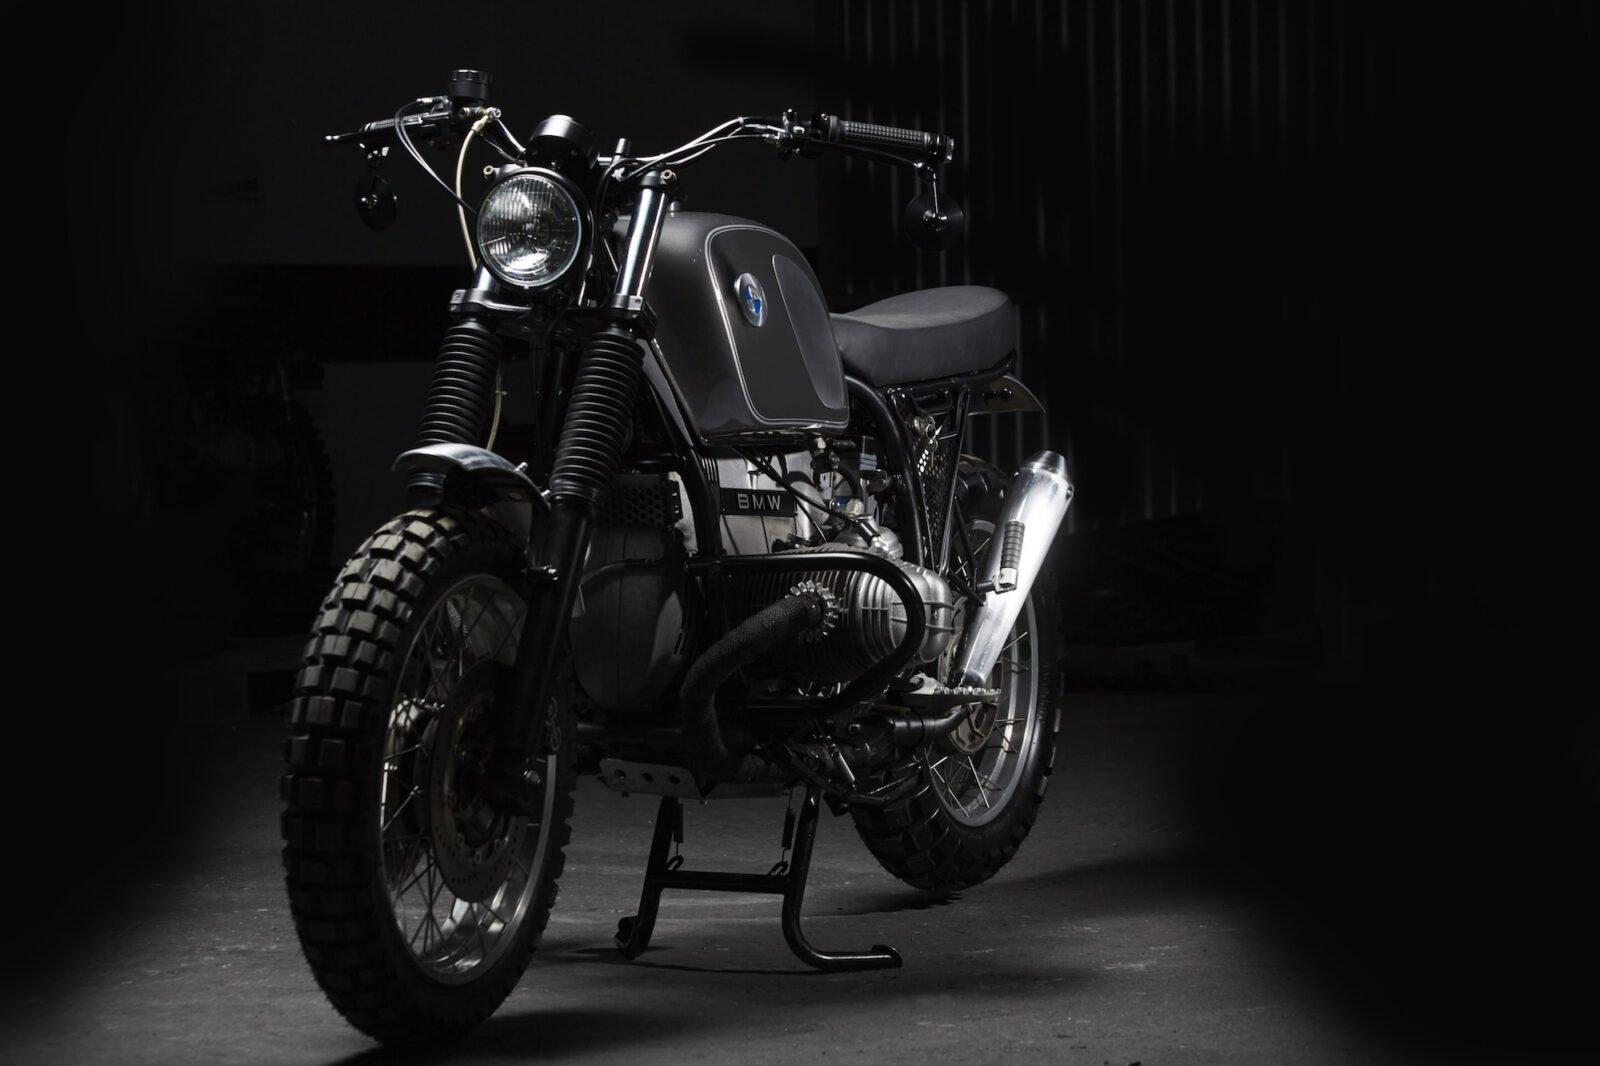 BMW R100 14 1600x1066 - Fuel Motorcycles BMW R100R Silverback